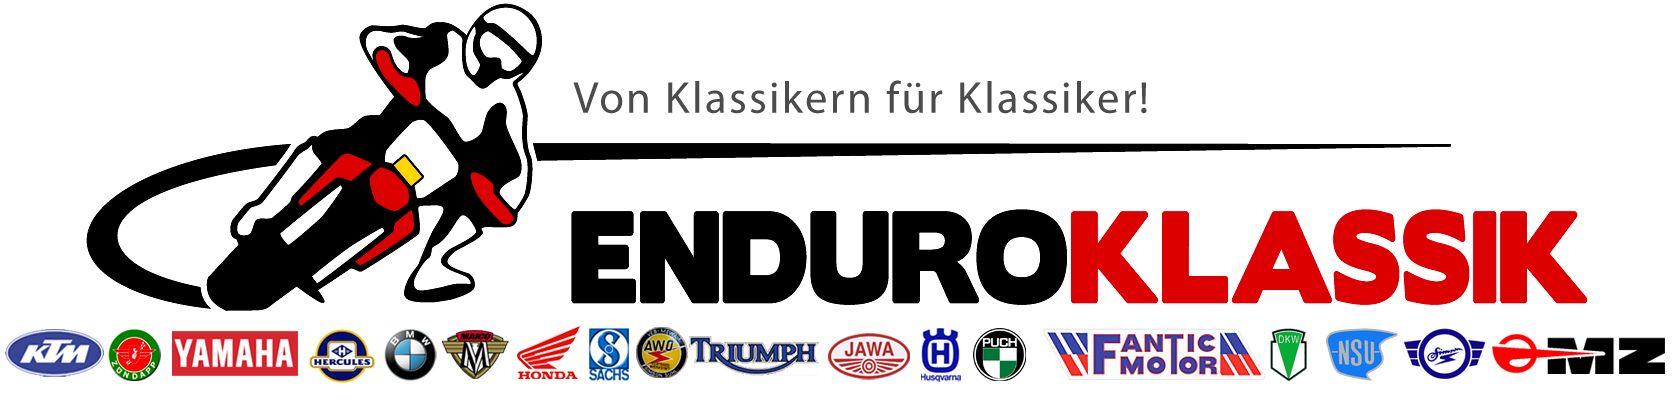 Enduro-Klassik.de